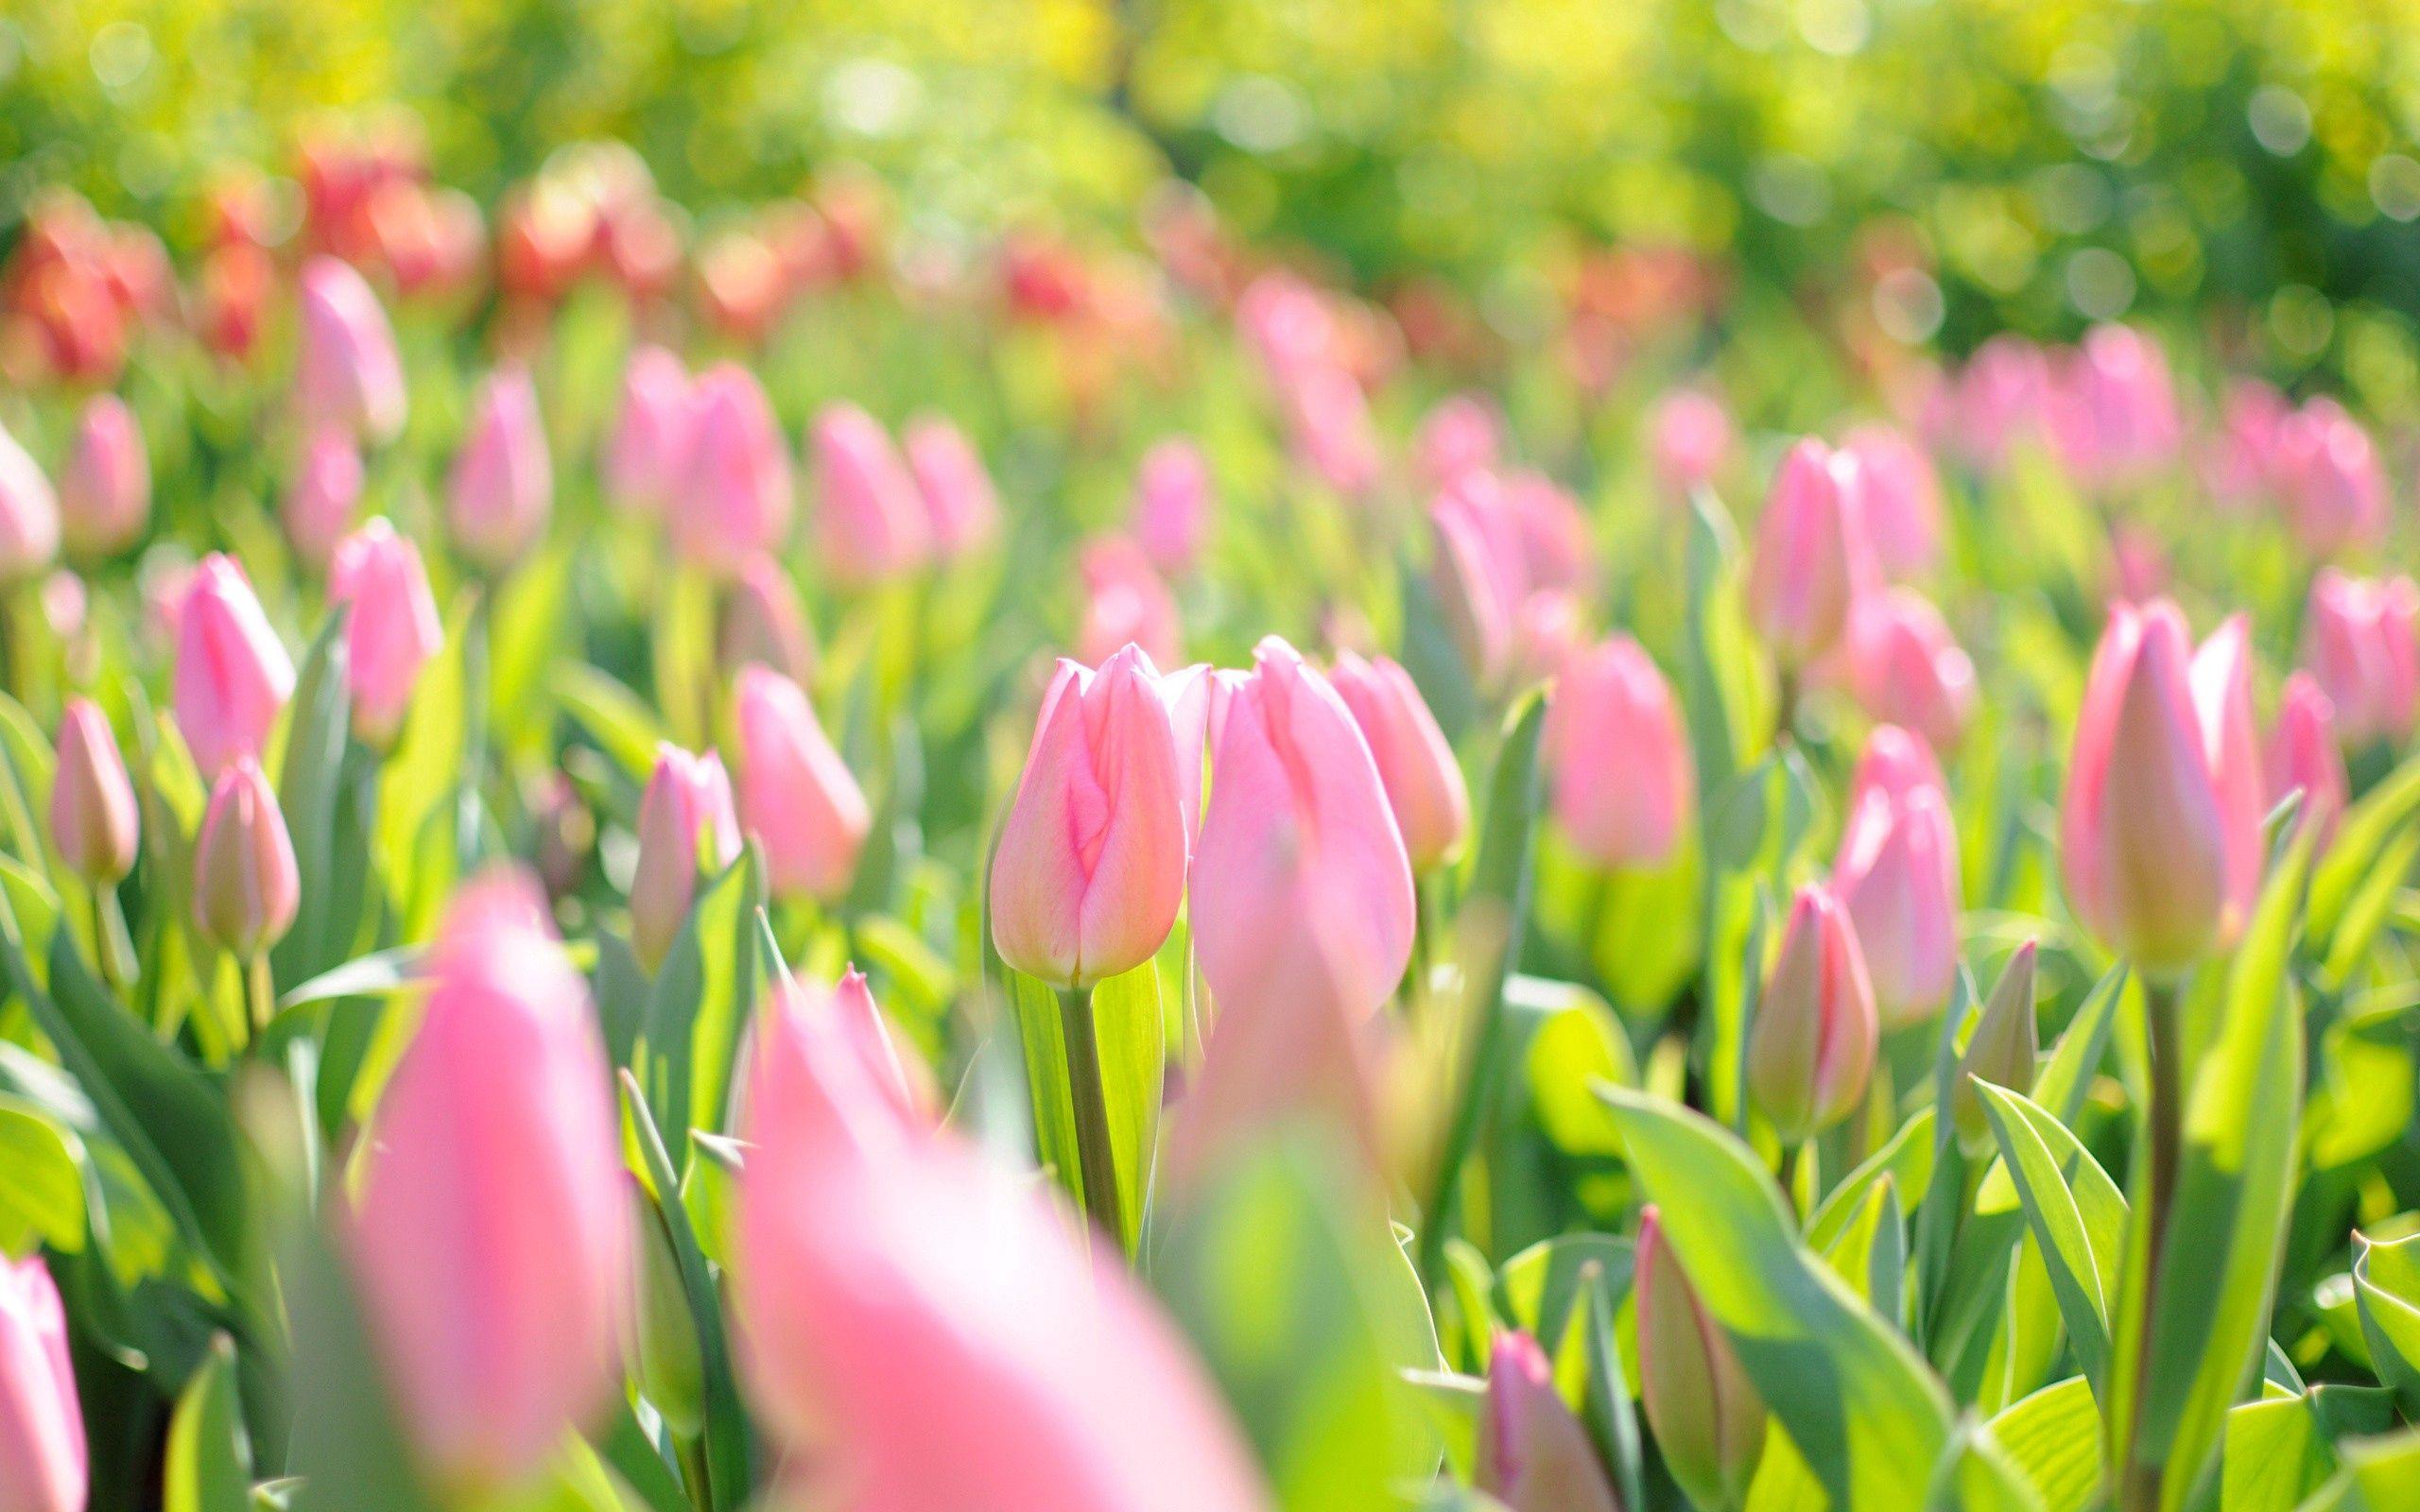 128955 Hintergrundbild herunterladen Natur, Blumen, Rosa, Tulpen, Feld - Bildschirmschoner und Bilder kostenlos